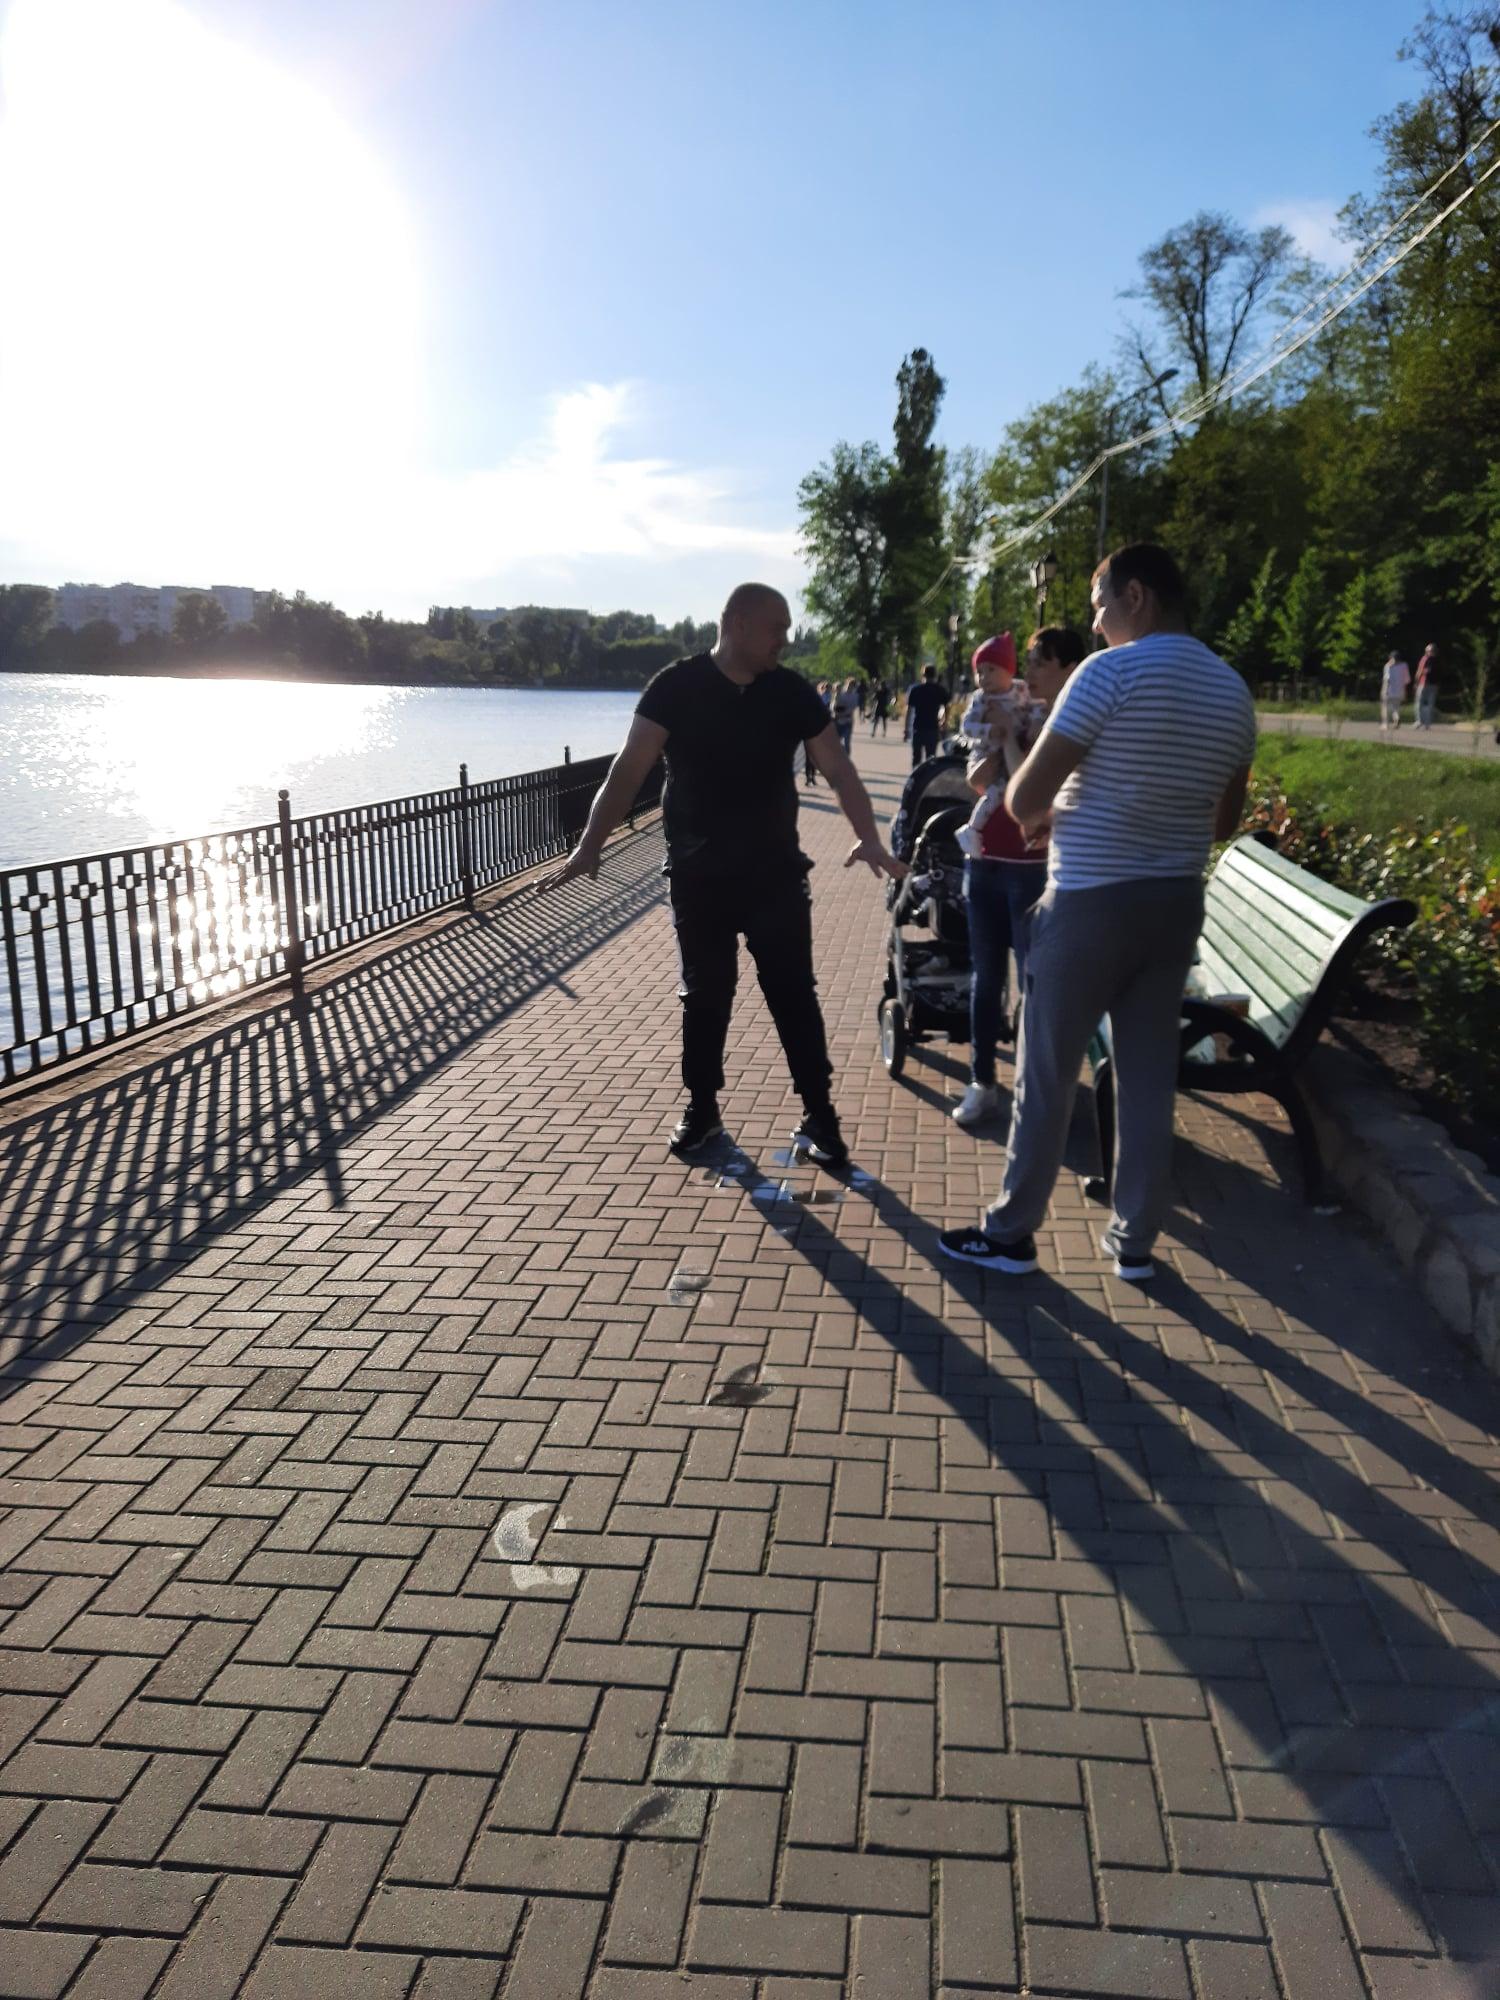 ВКишиневе впарке «Валя Морилор» мужчина спас тонувшего возере ребенка. Носамостоятельно выбраться изводы несмог (ФОТО)